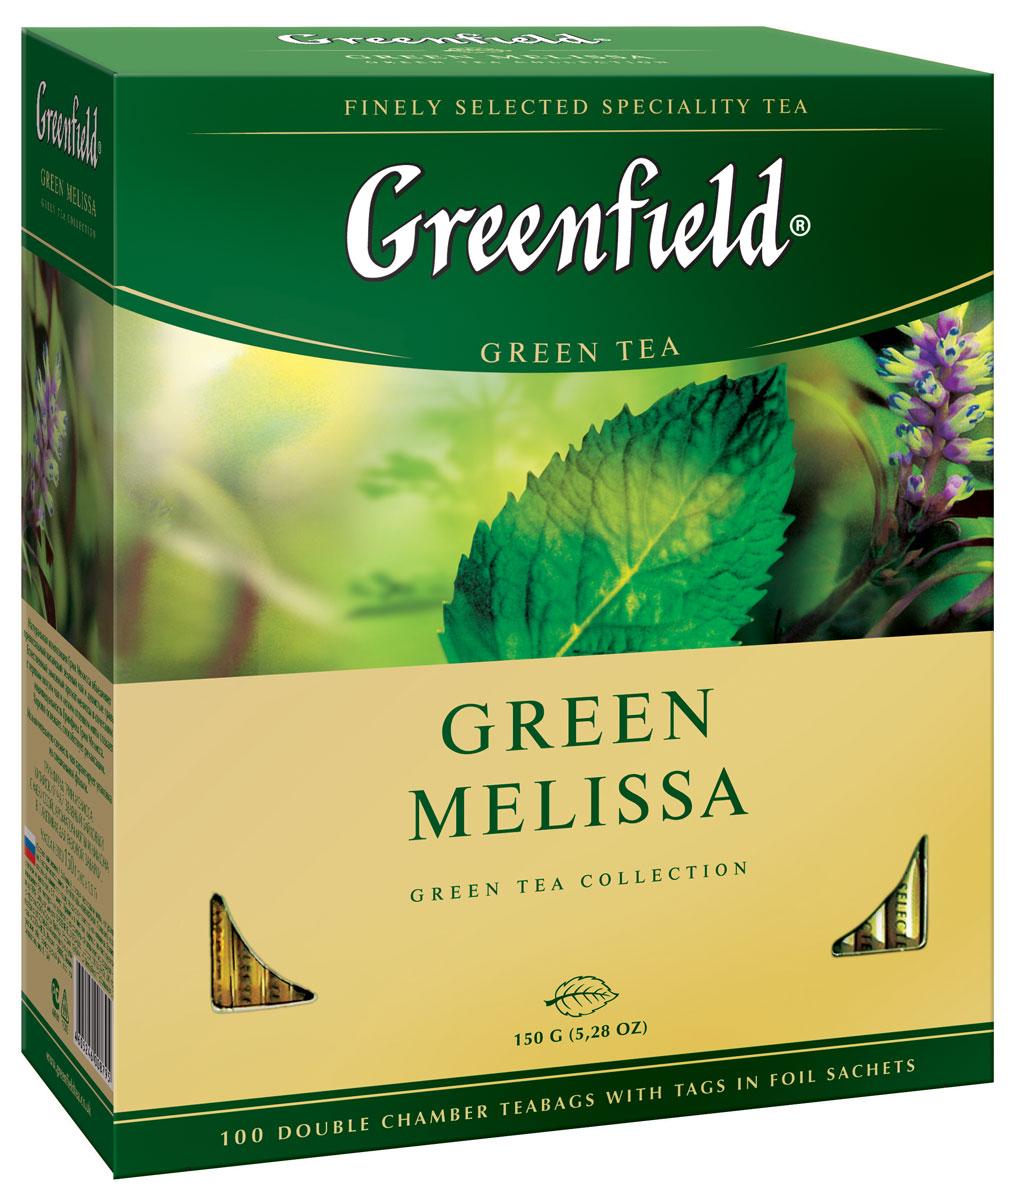 Greenfield Green Melissa зеленый чай в пакетиках, 100 шт0120710Натуральная композиция Greenfield Green Melissa объединяет превосходный китайский зеленый чай и душистые травы. Естественный лимонный аромат мелиссы в сочетании с терпким вкусом чая и легким оттенком мяты создает индивидуальность Greenfield Green Melissa. Хорошо освежает, способствует релаксации.